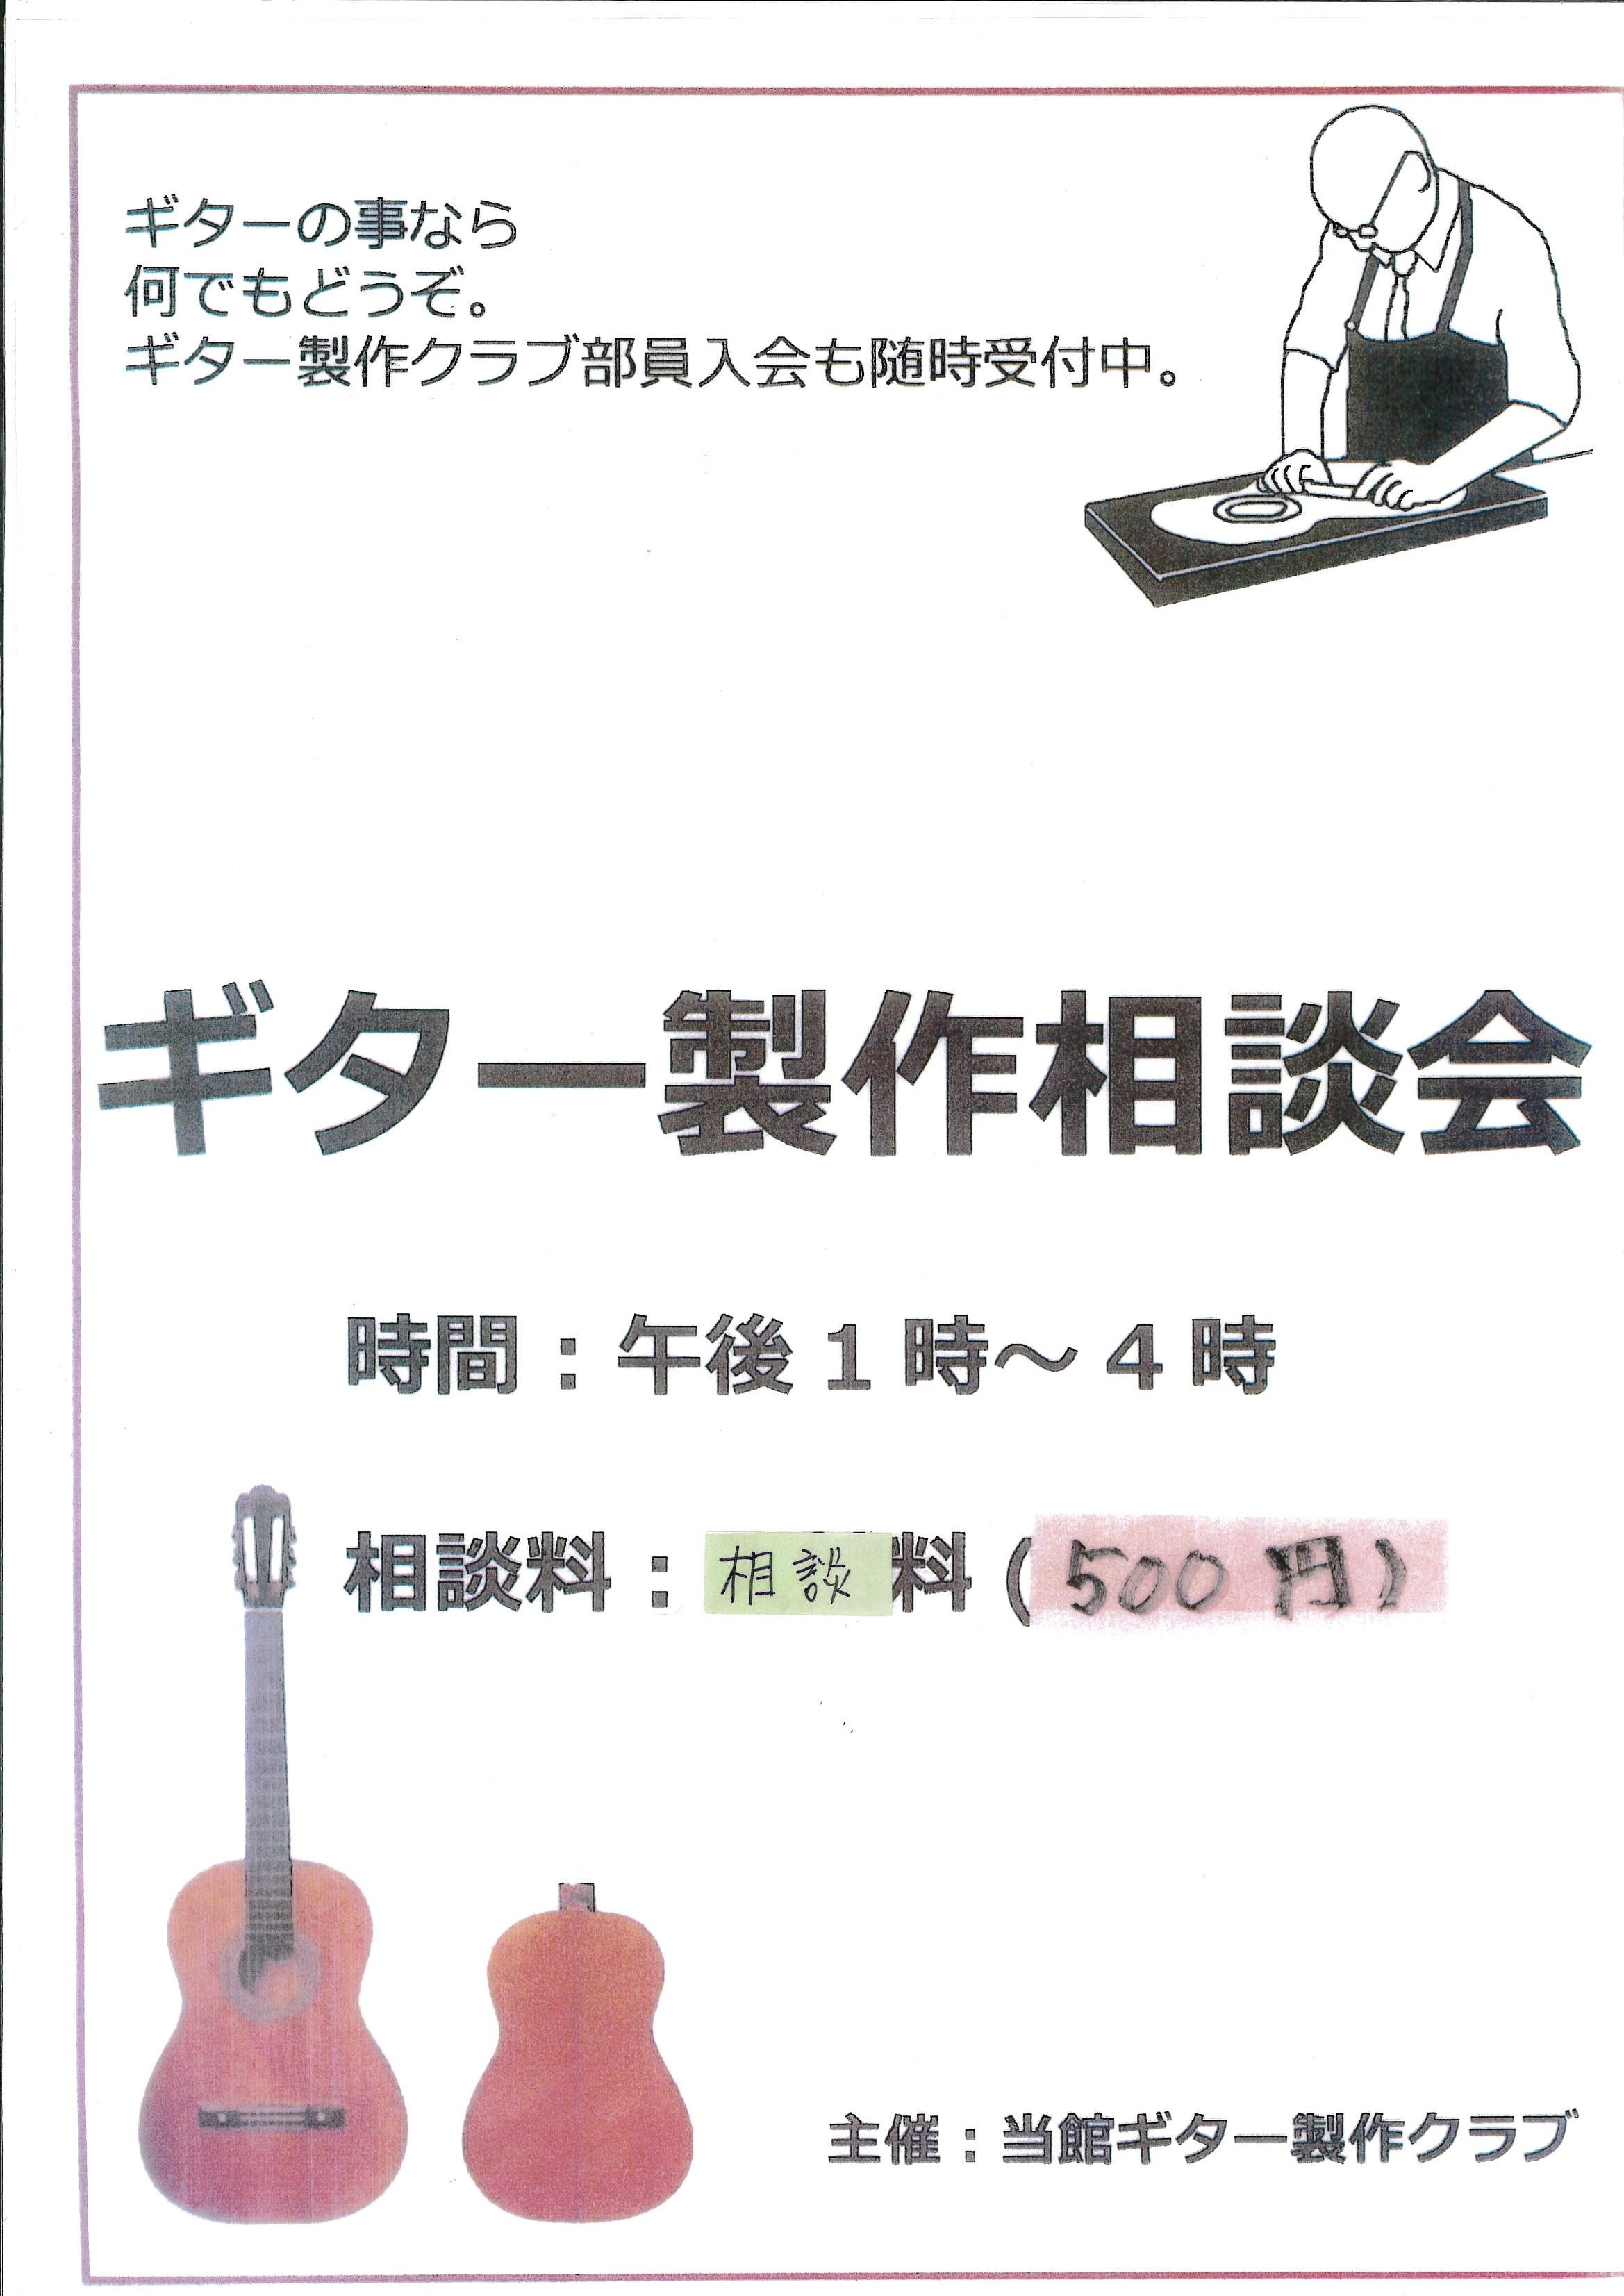 MX-2310F_20190713_101728_001.jpg